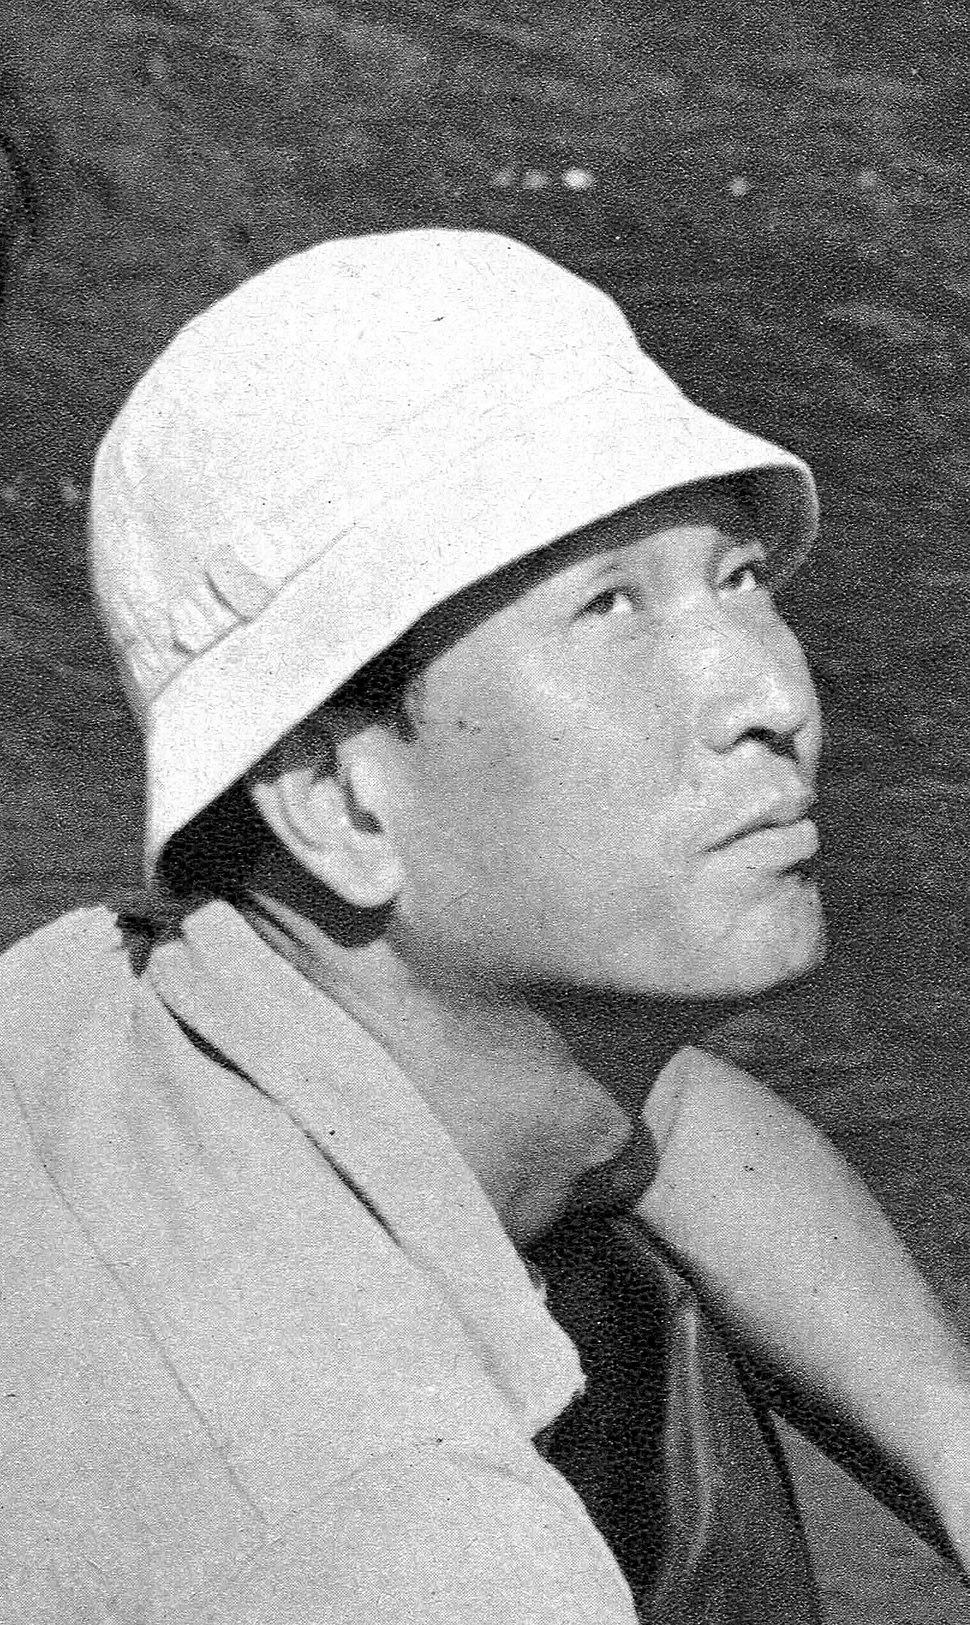 Akirakurosawa-onthesetof7samurai-1953-page88